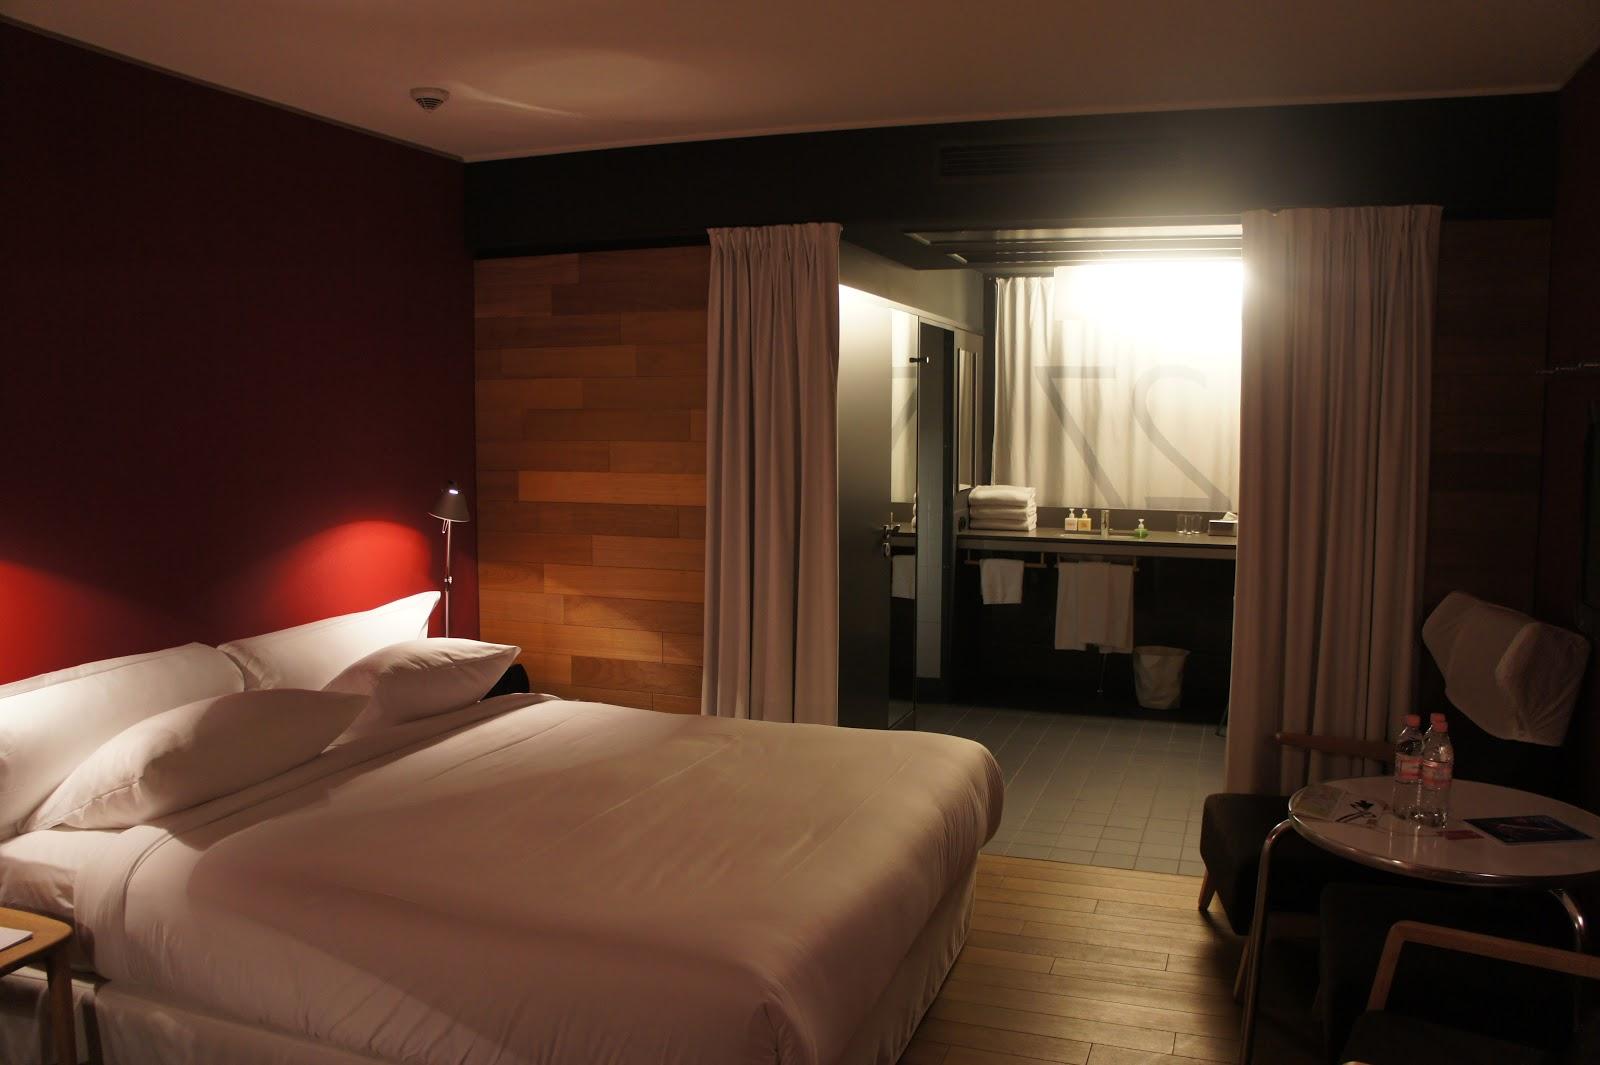 amapola toscana hotel casa camper. Black Bedroom Furniture Sets. Home Design Ideas